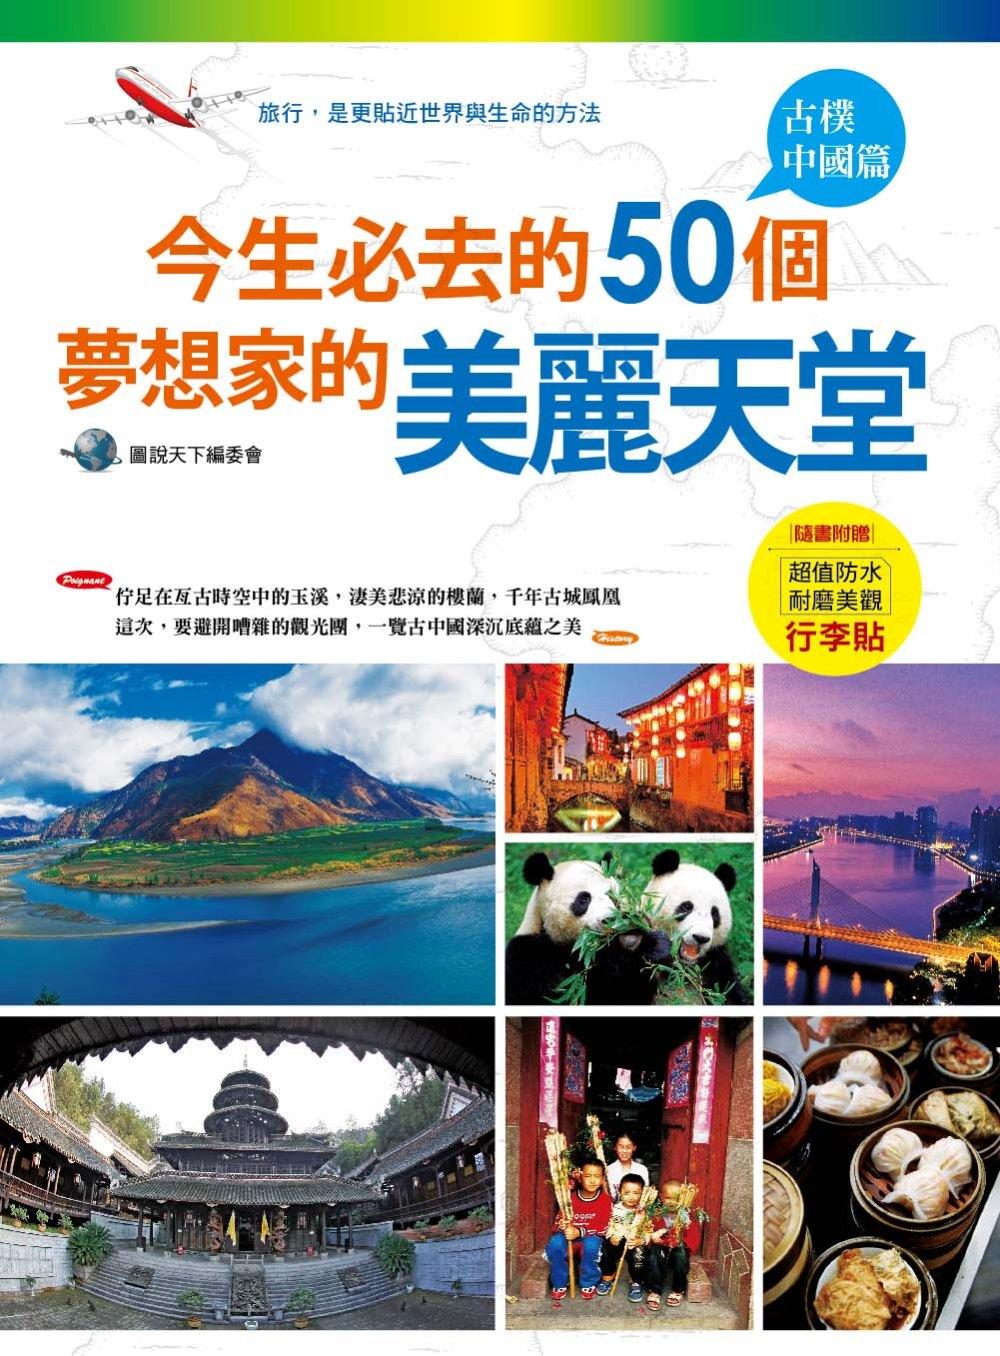 今生必去的50個夢想家的美麗天堂:古樸中國篇^(隨書附贈~ 防水耐磨美觀行李貼~^)